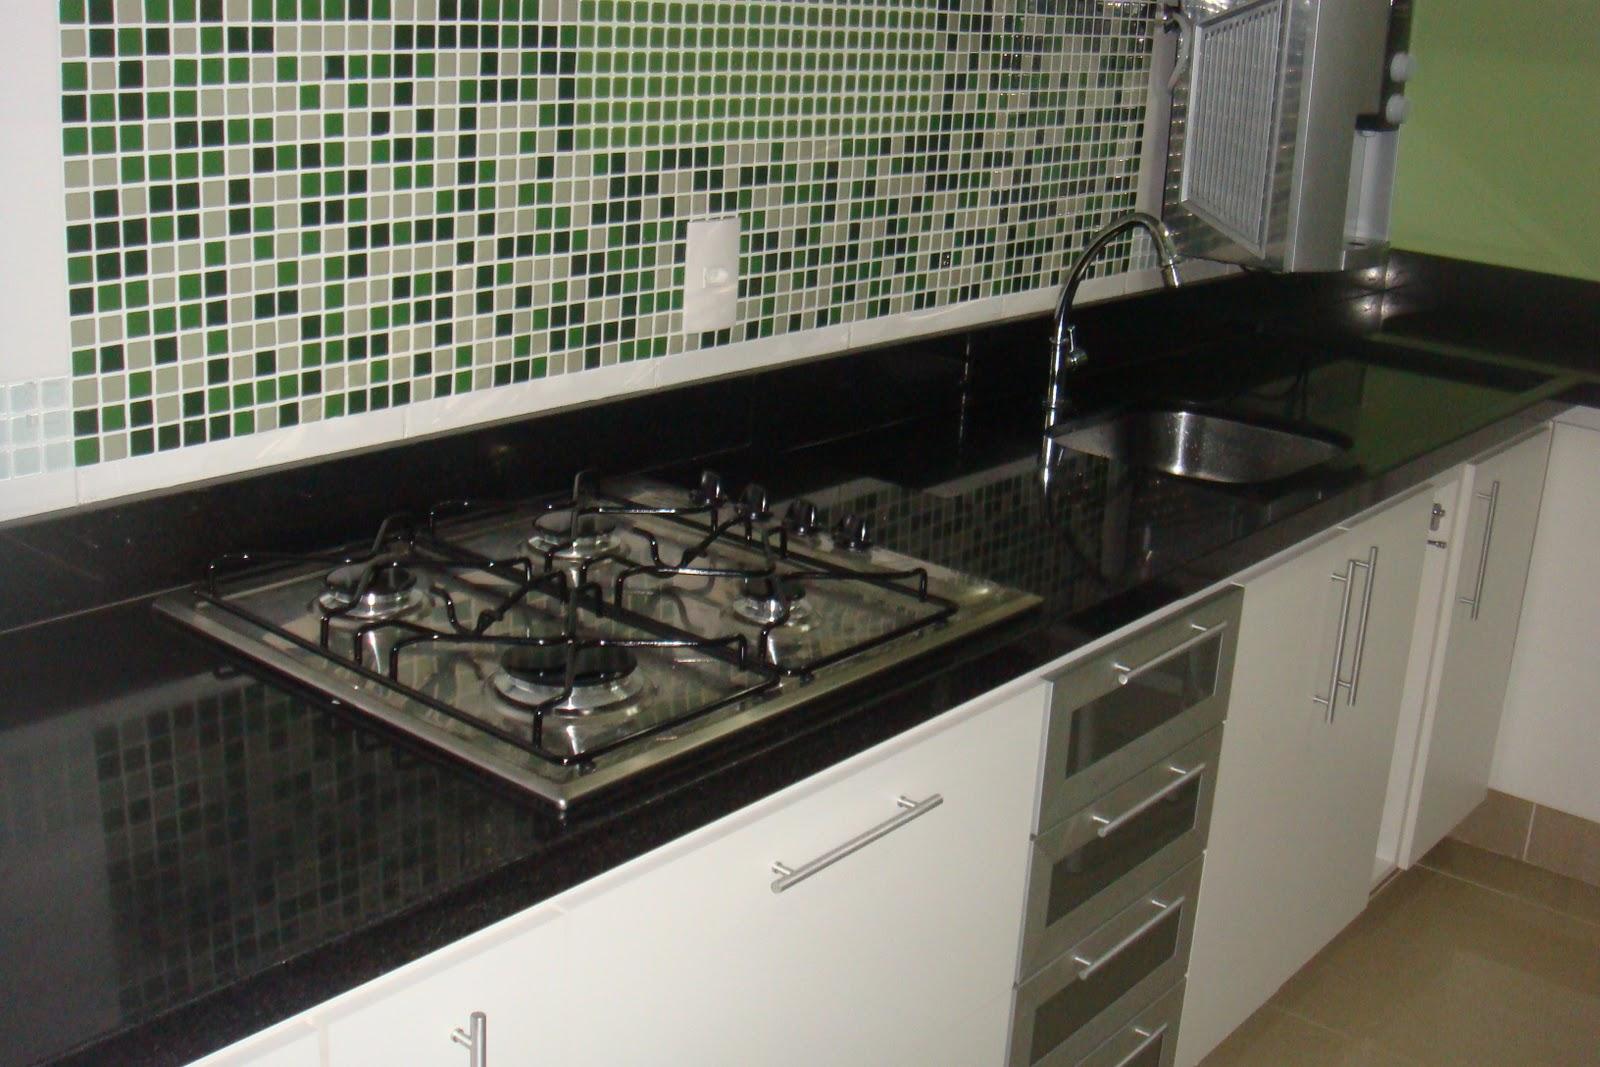 reforma da minha pequena cozinha: Aniversário de casamento e GRANITO #425F37 1600 1067